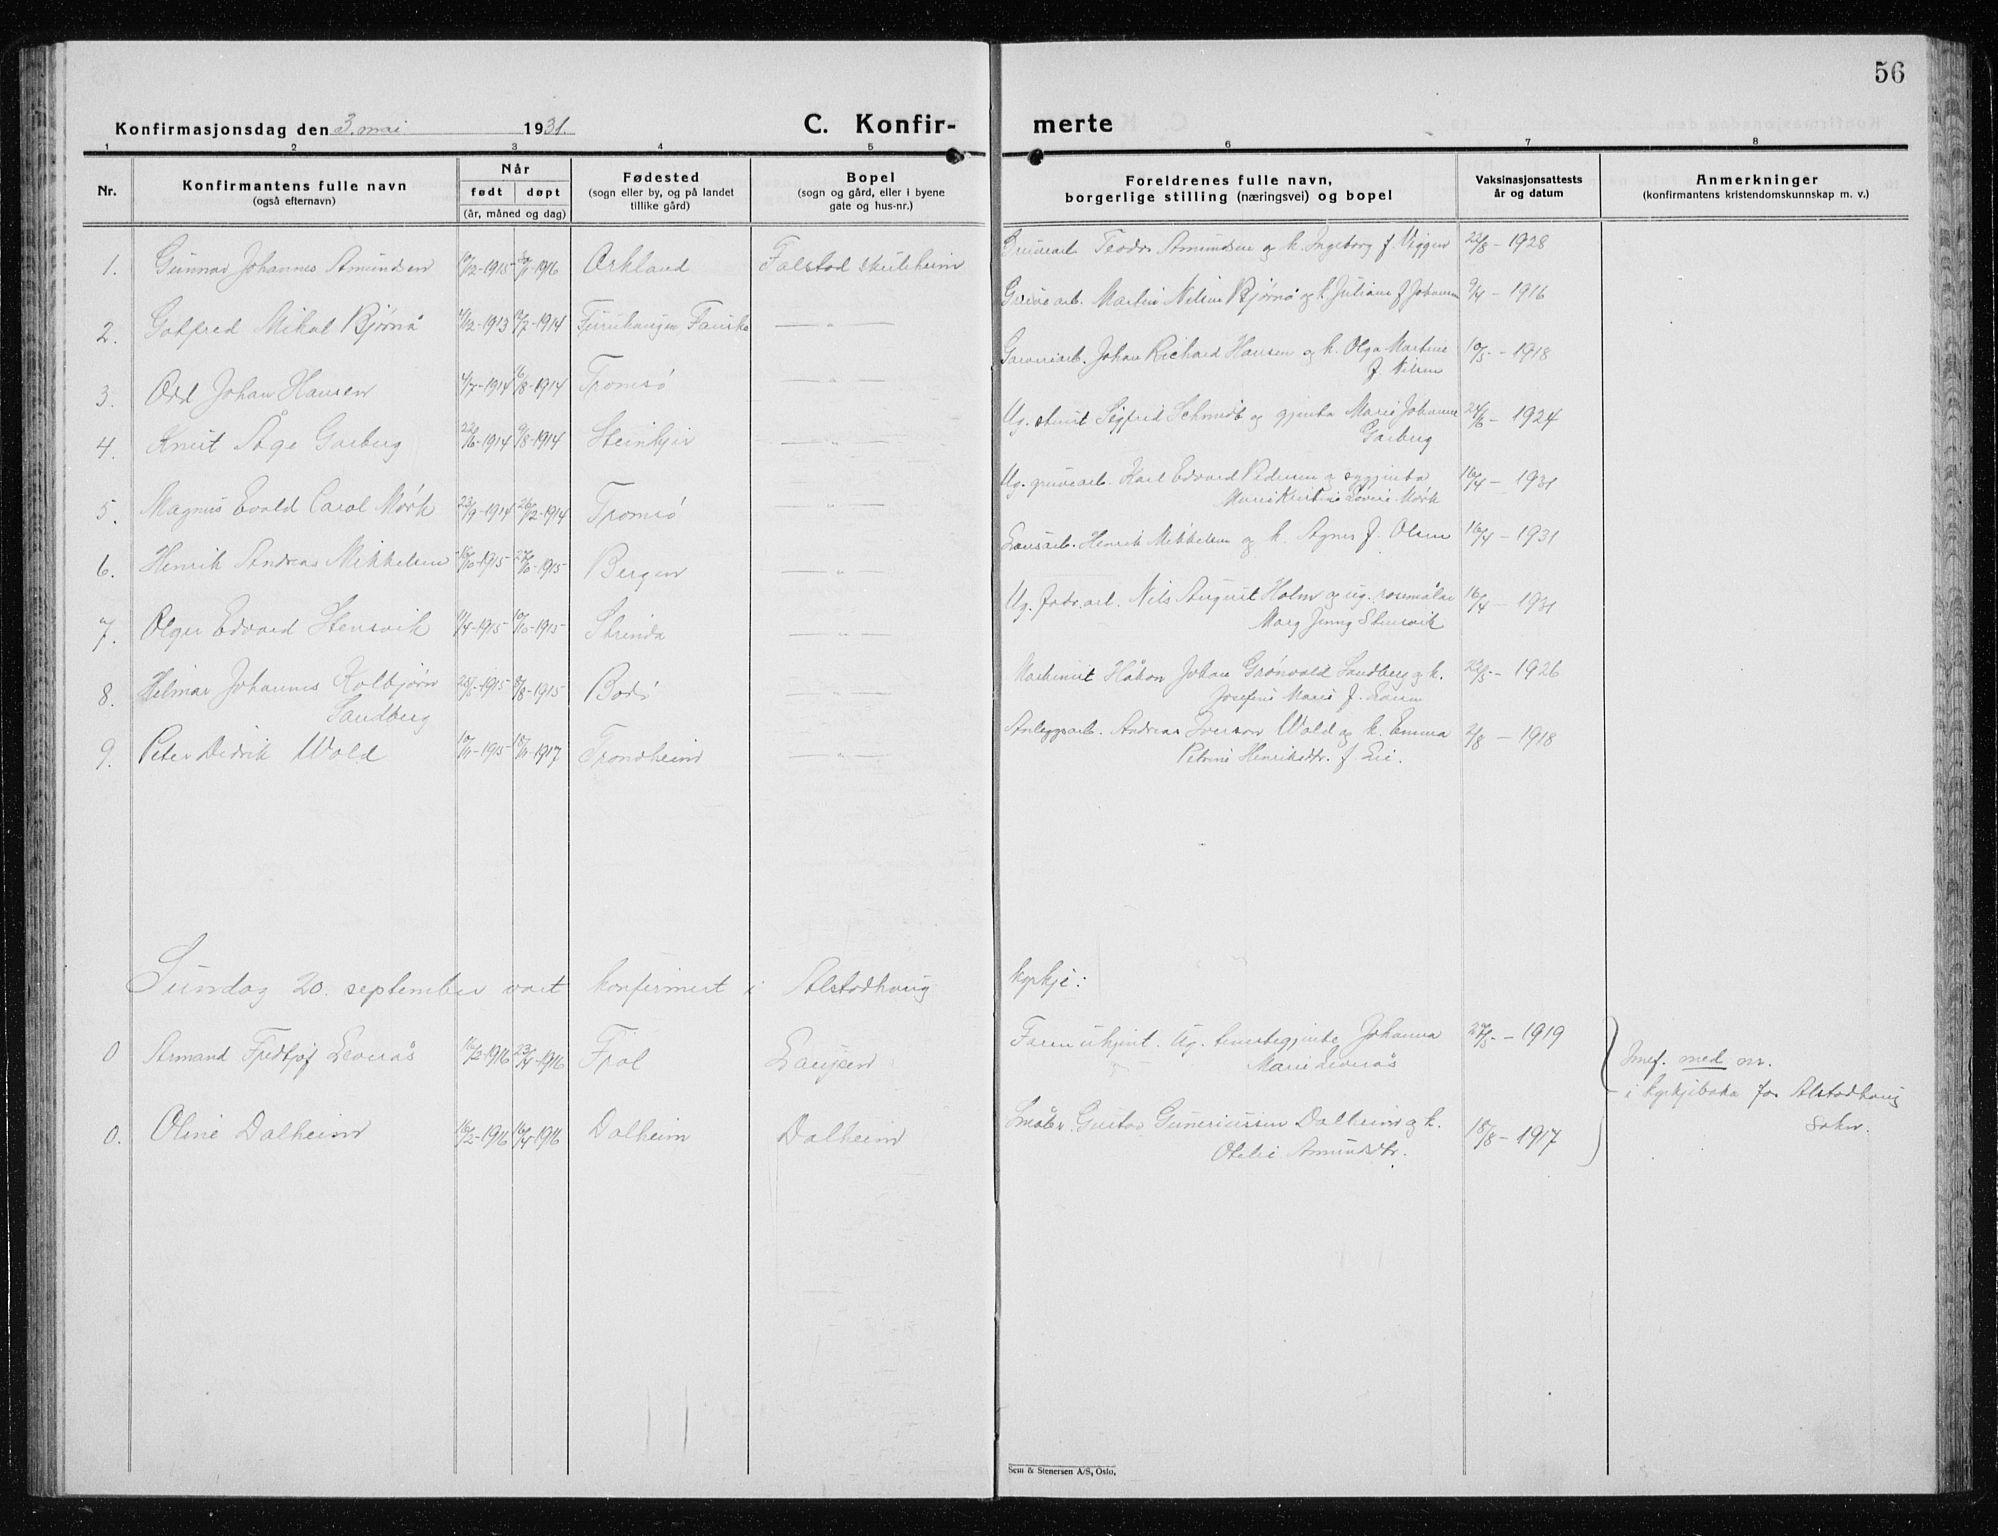 SAT, Ministerialprotokoller, klokkerbøker og fødselsregistre - Nord-Trøndelag, 719/L0180: Klokkerbok nr. 719C01, 1878-1940, s. 56